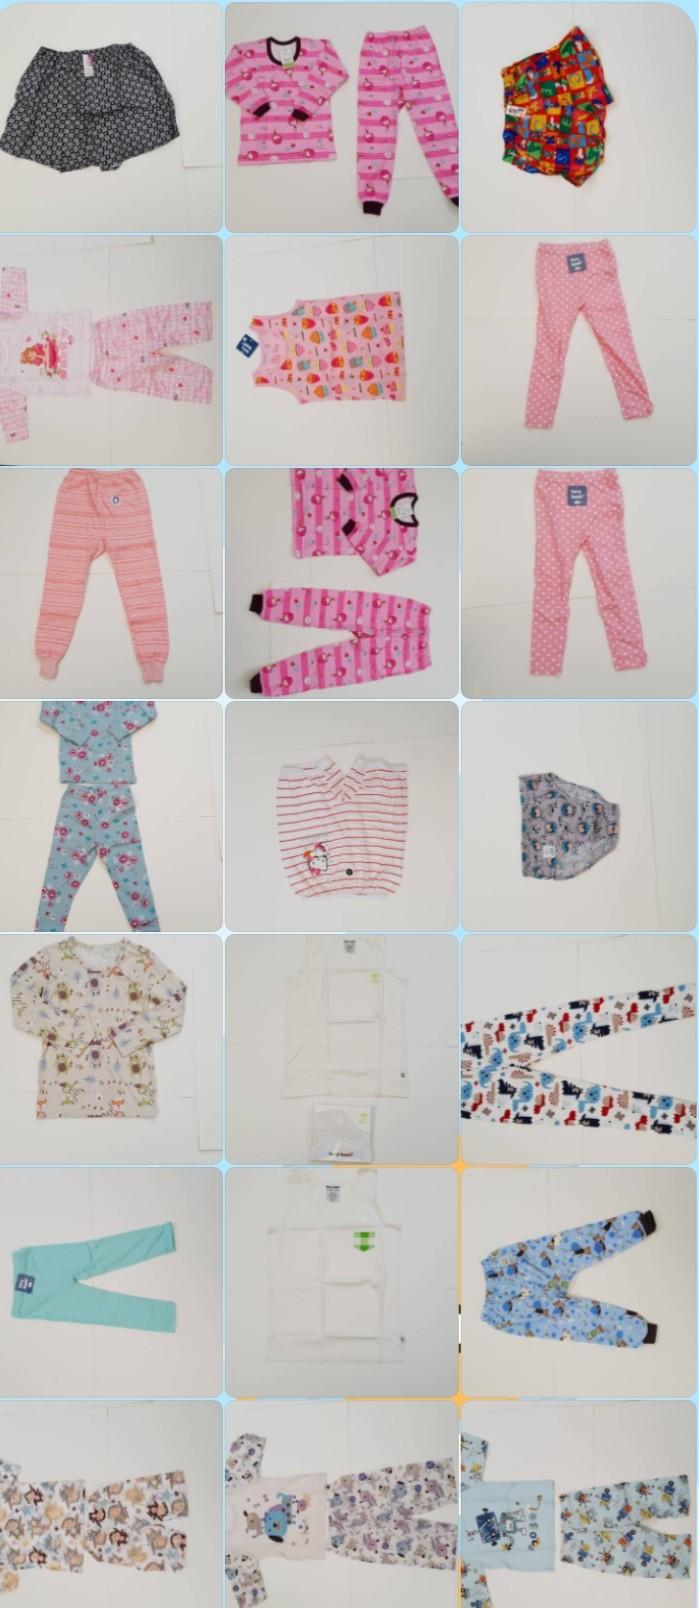 국산 아동속옷 땡처리  급처분